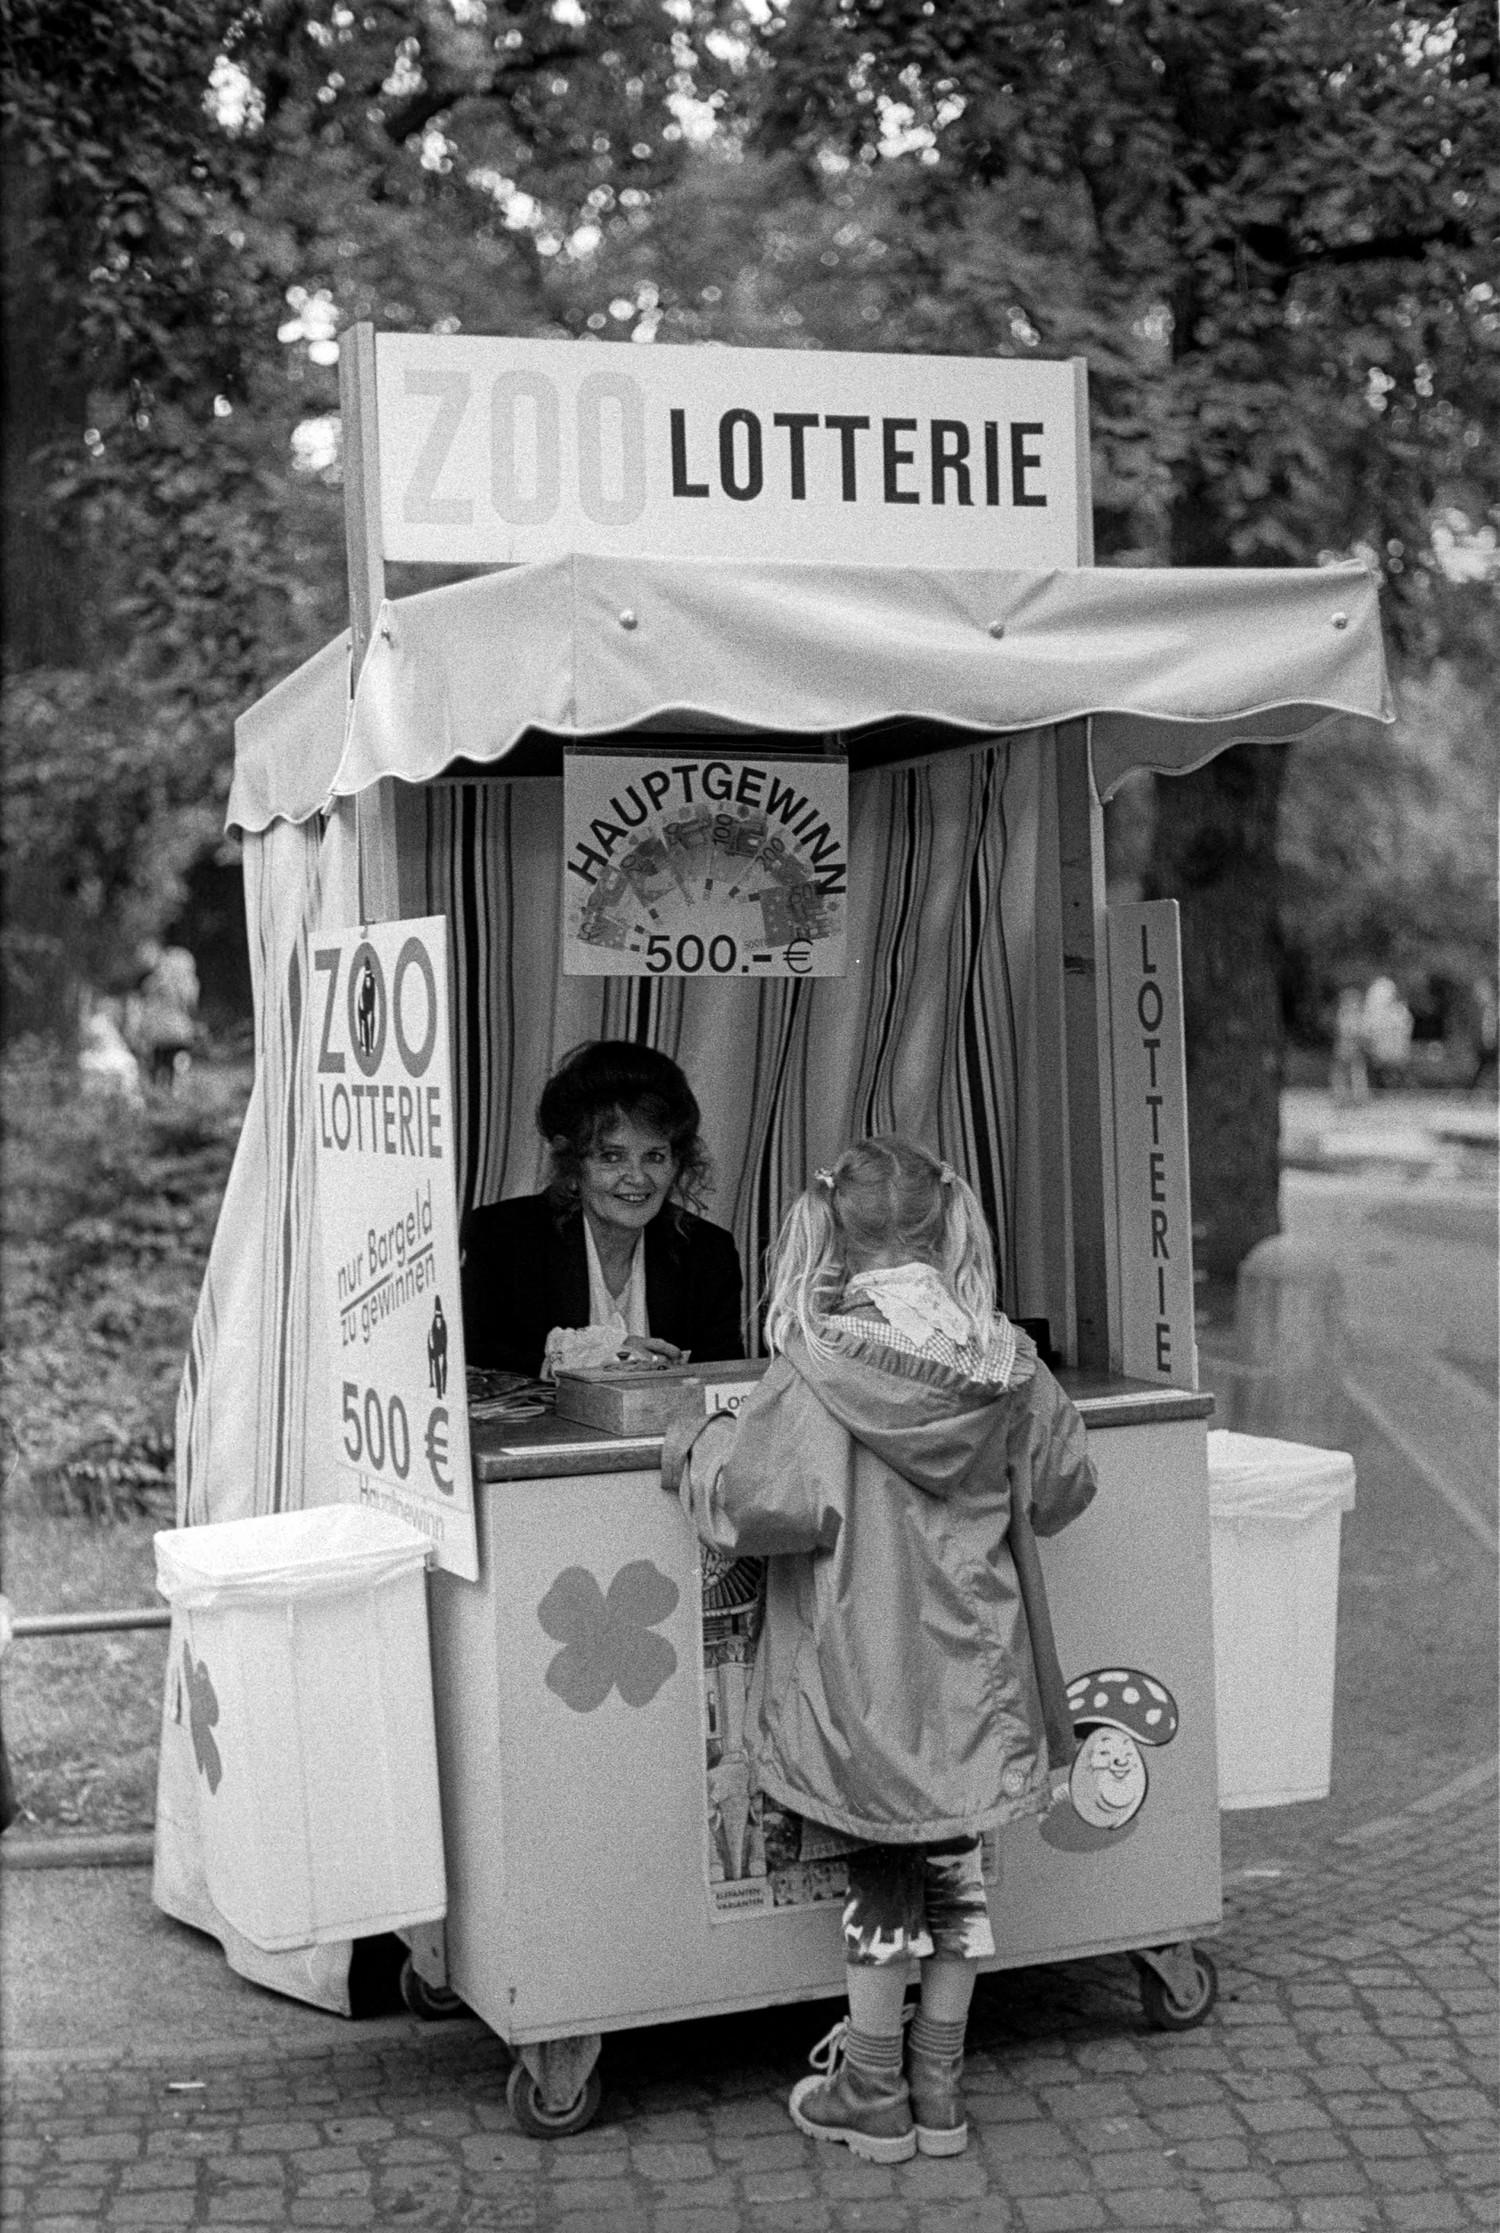 Berlin 2004 • Zoo Lotterie